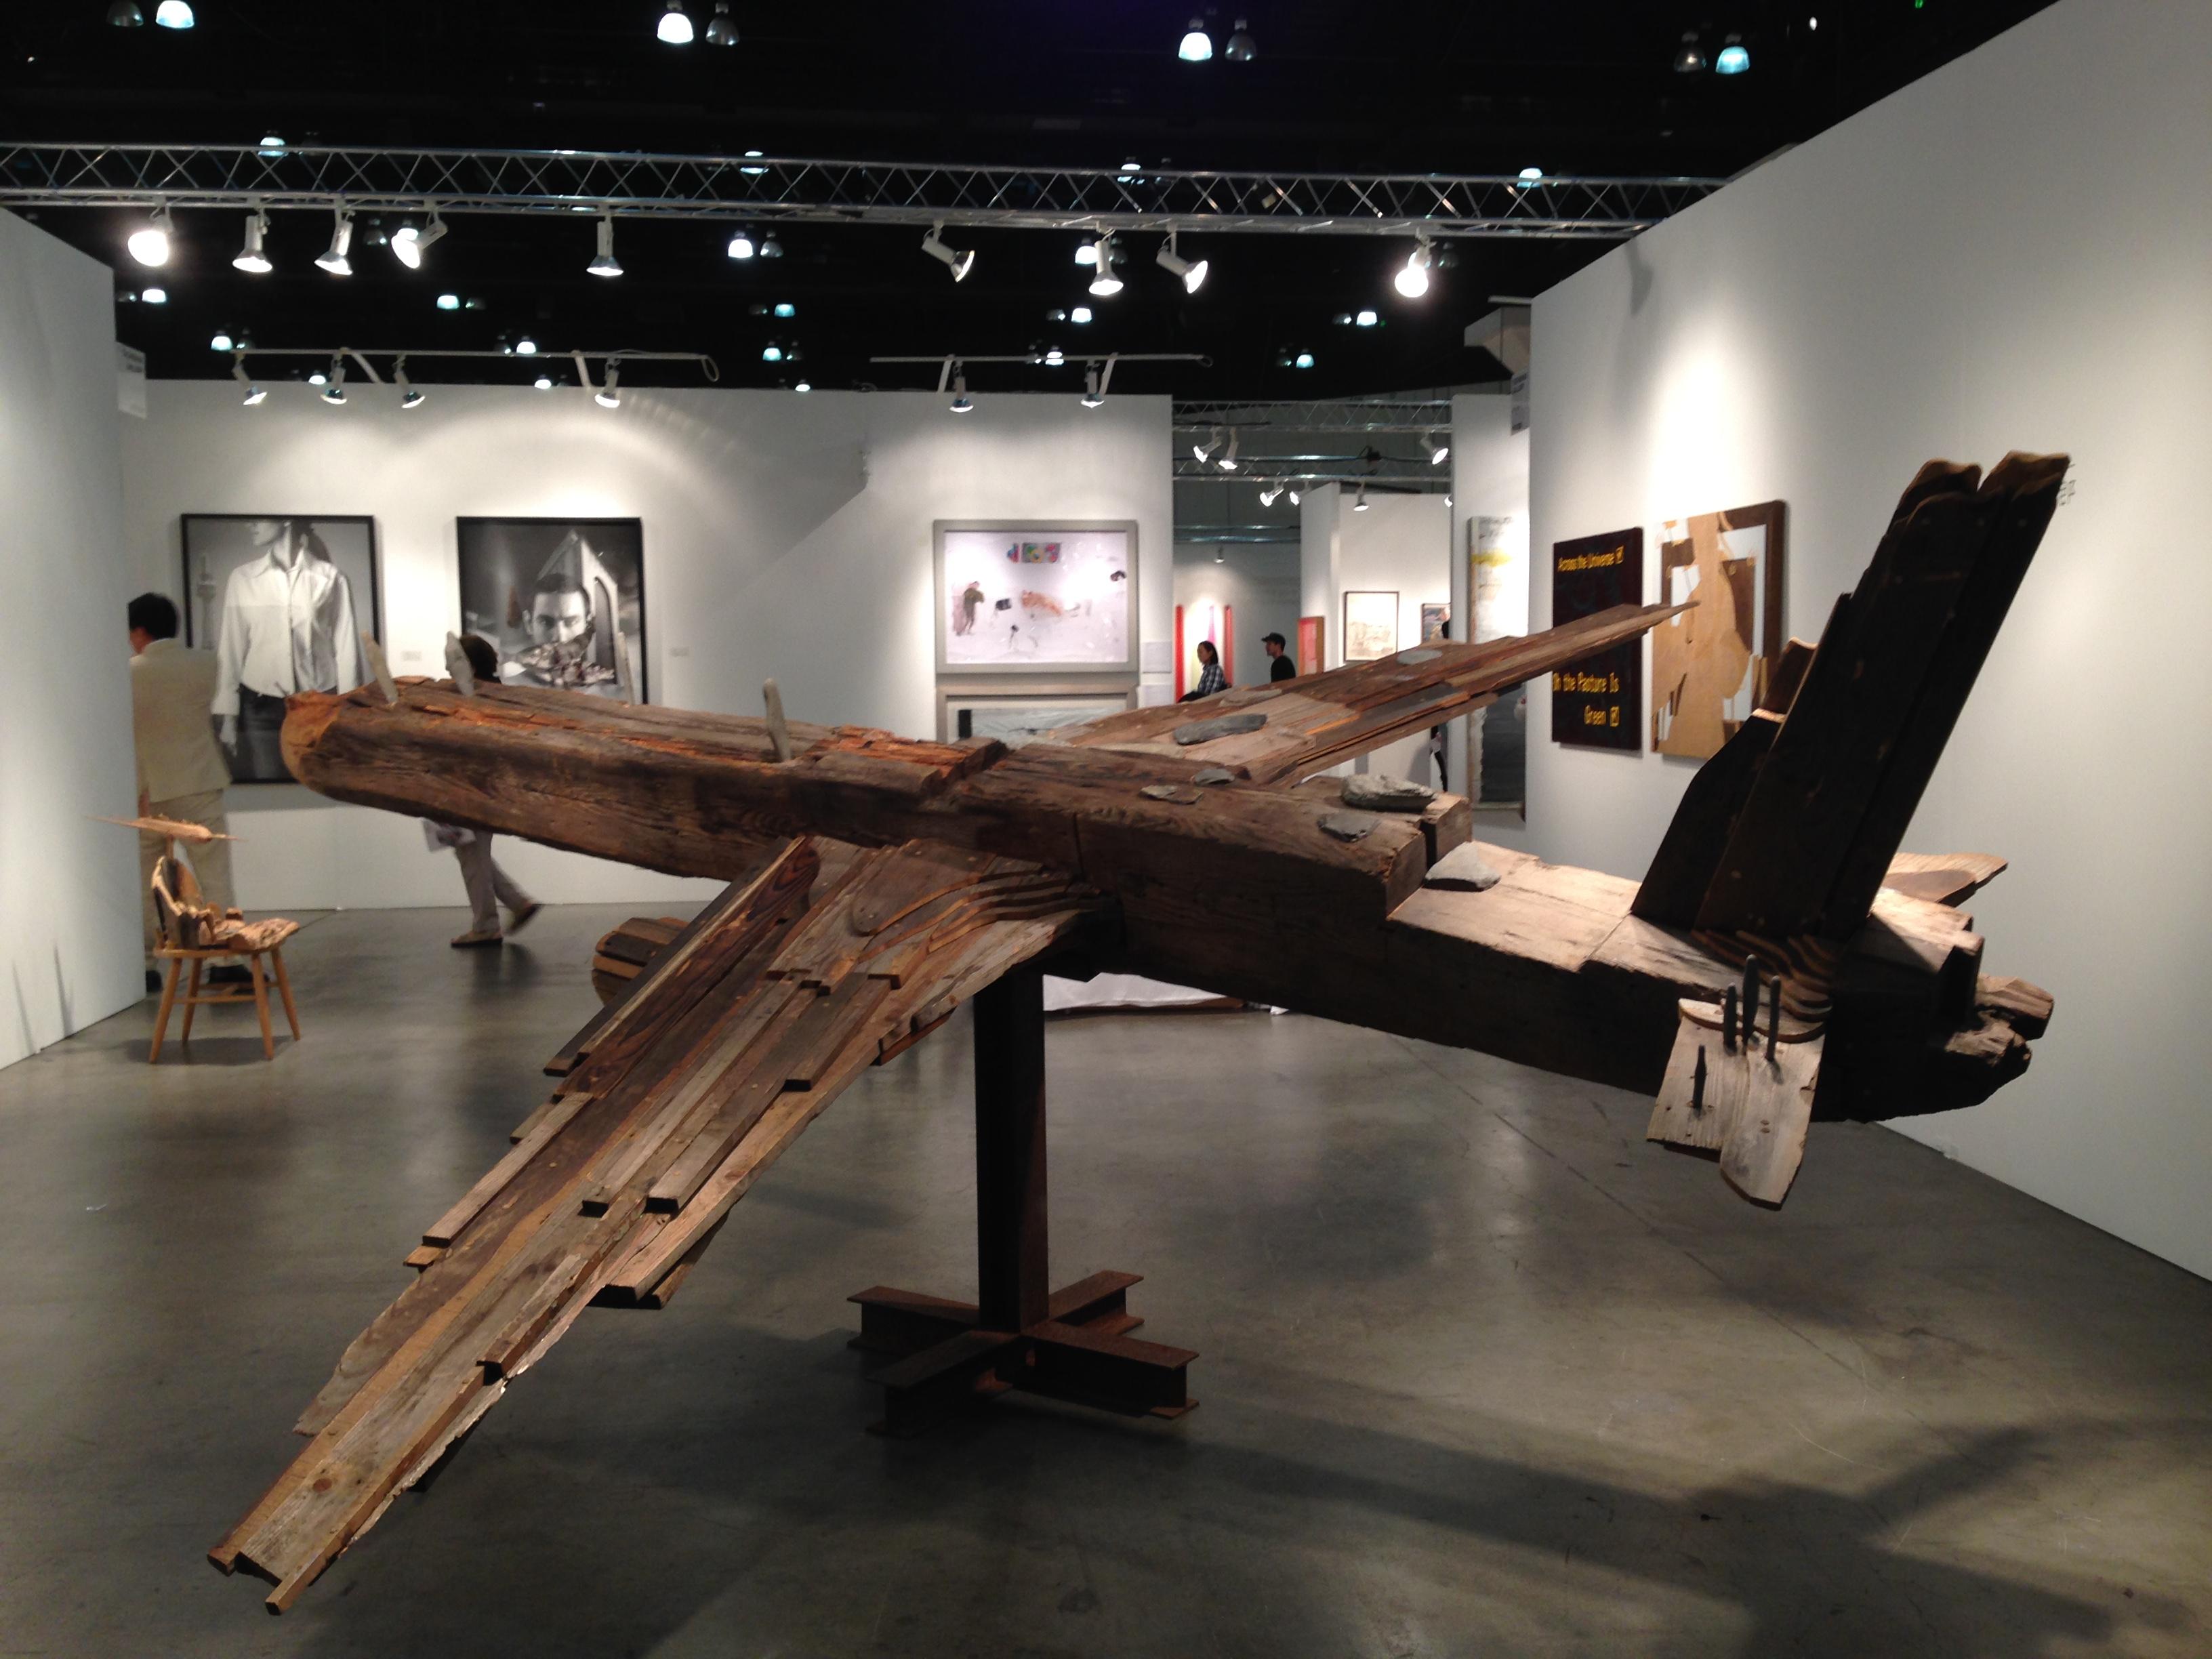 Toshimitsu ito at Tachibana gallery booth2